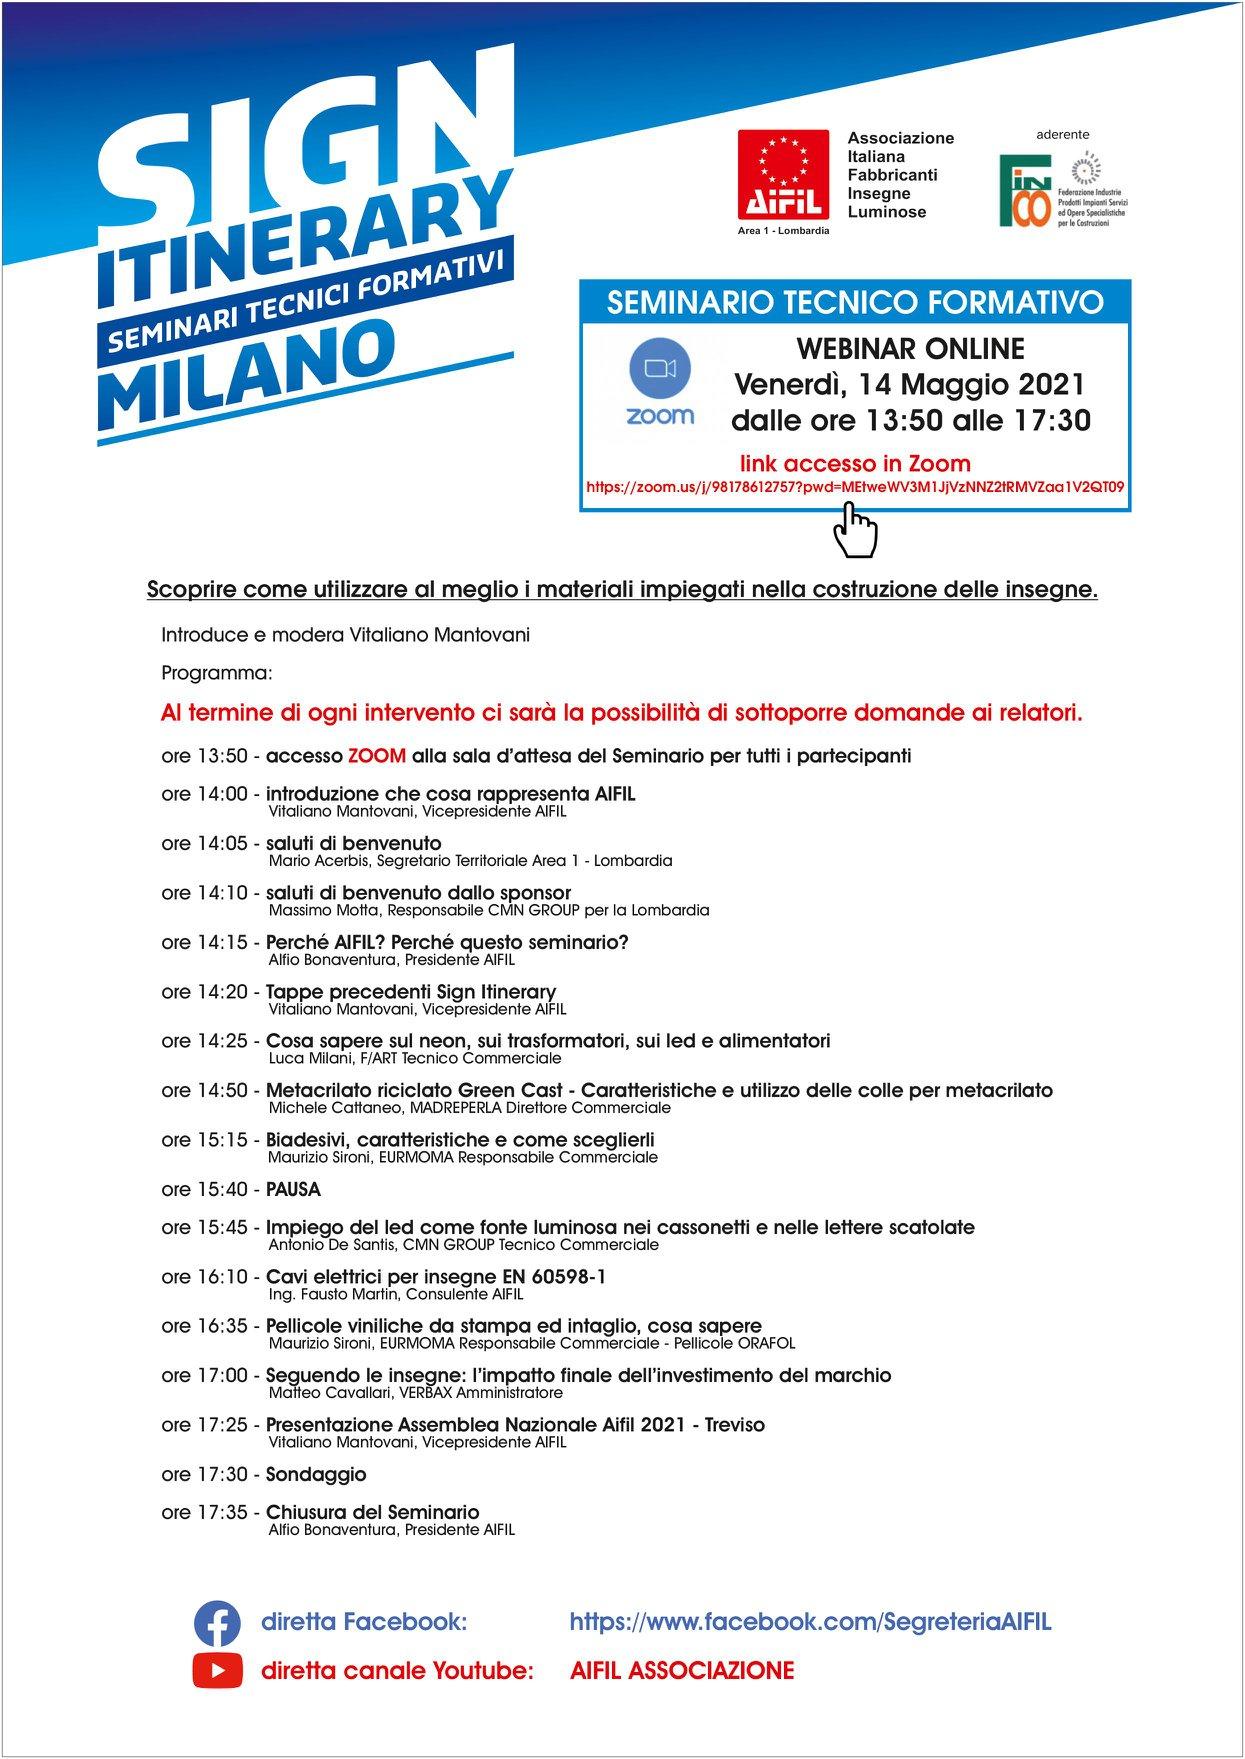 Programma dettagliato Sign Itinerary Milano, aifil